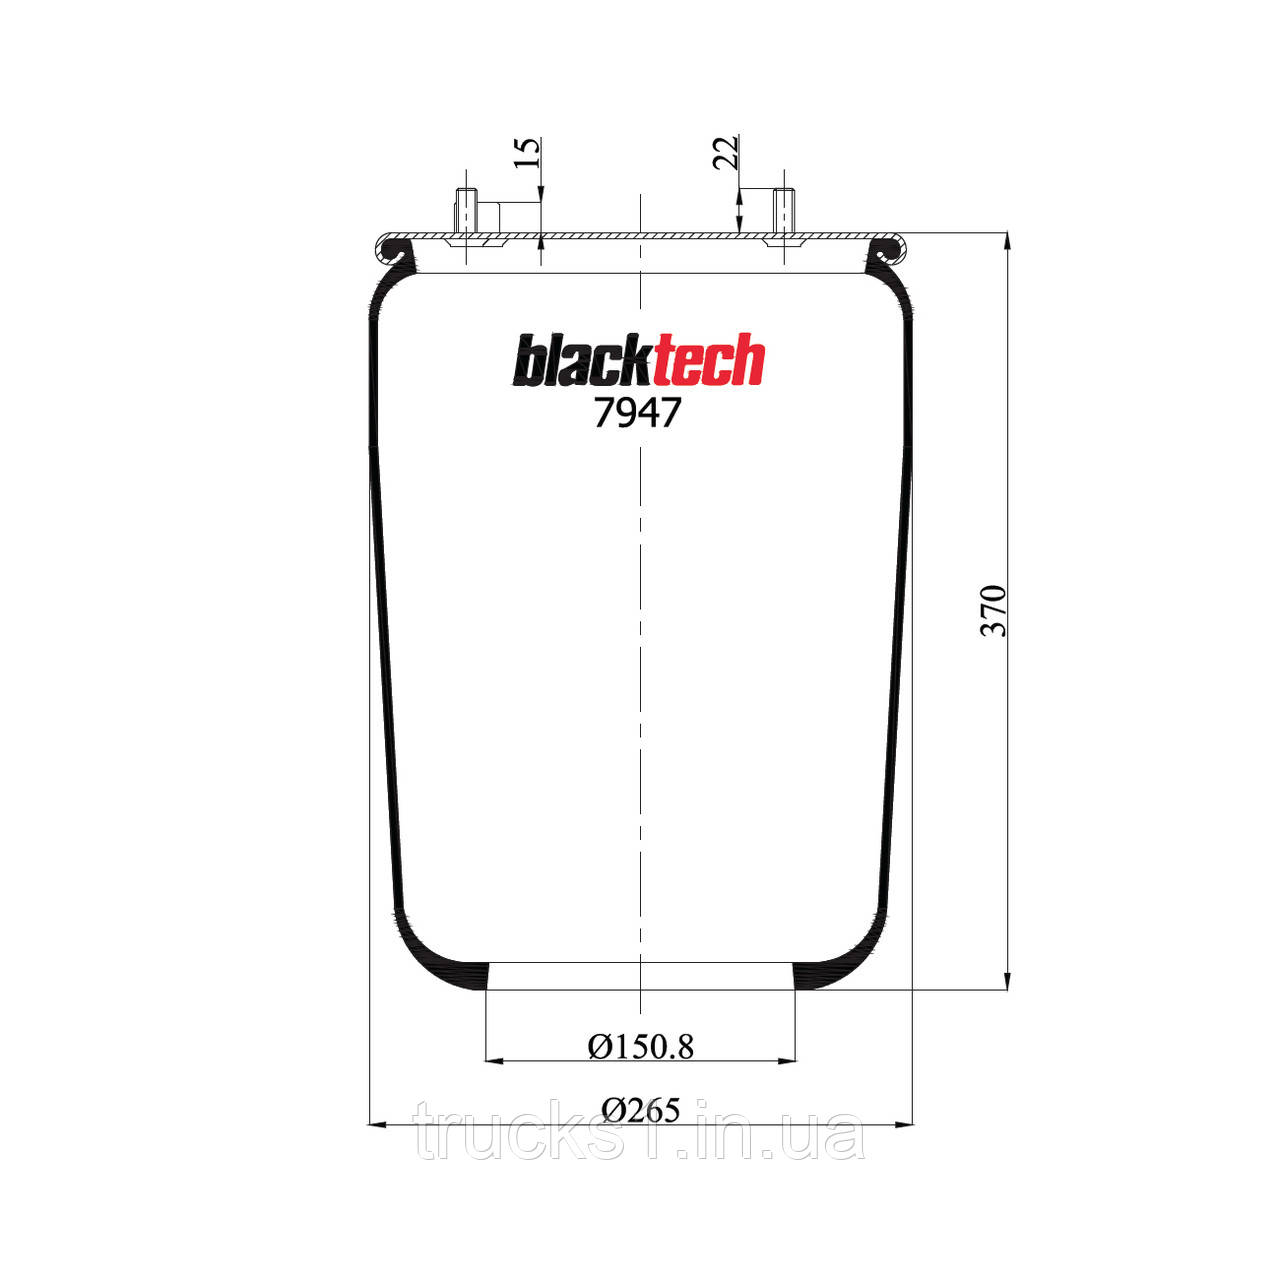 Пневмоподушка DAF без стакана RML7947-2 (BLACKTECH)